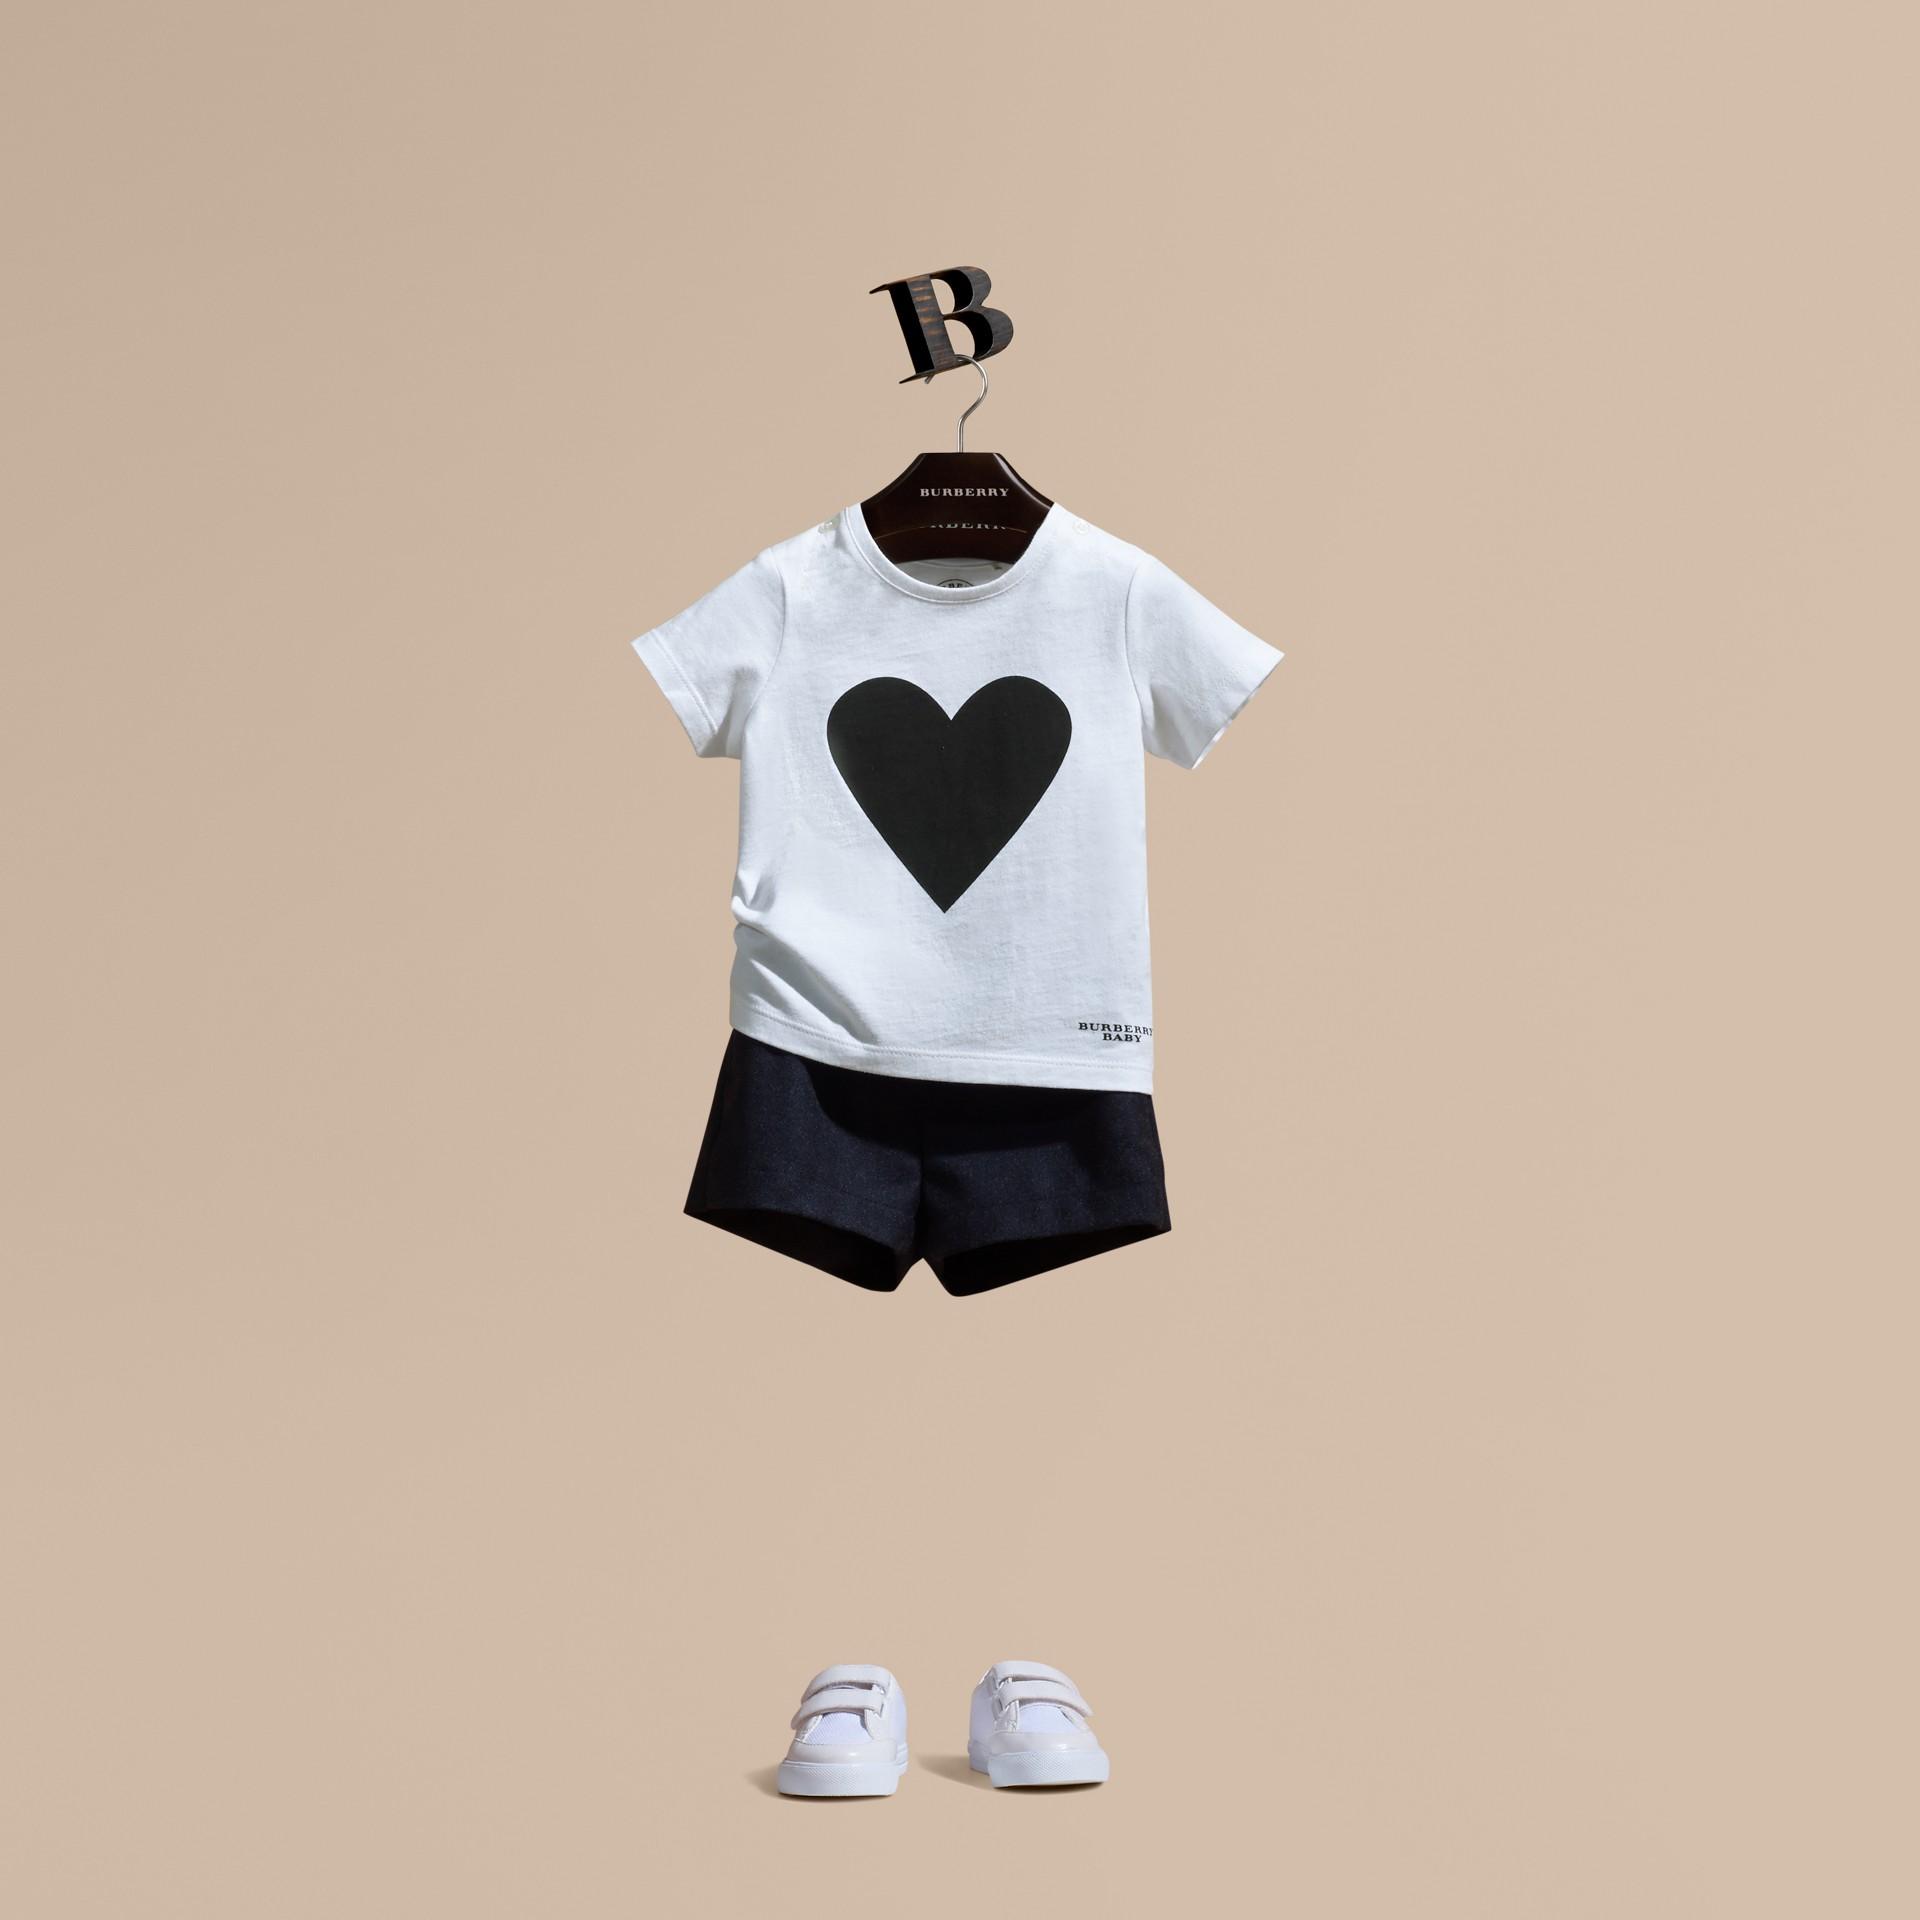 Nero T-shirt in cotone con stampa a cuori Nero - immagine della galleria 1